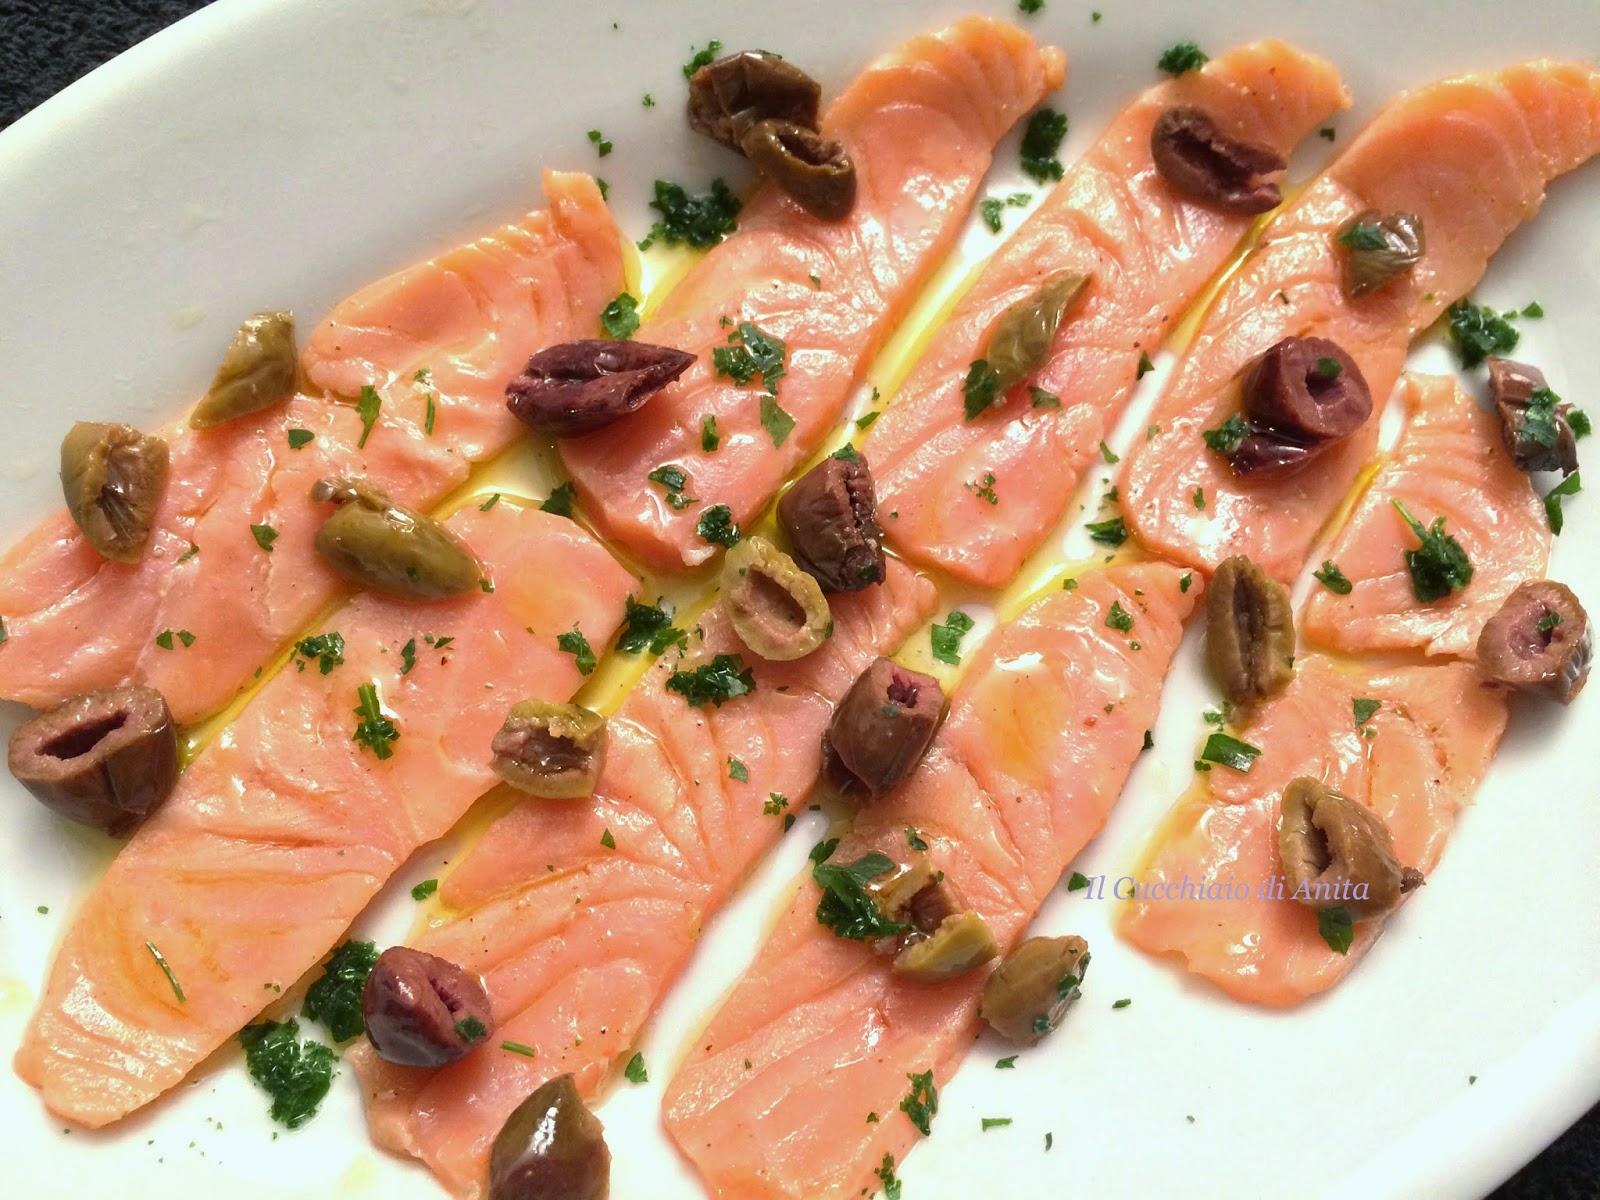 carpaccio di salmone al lime e taggiasche